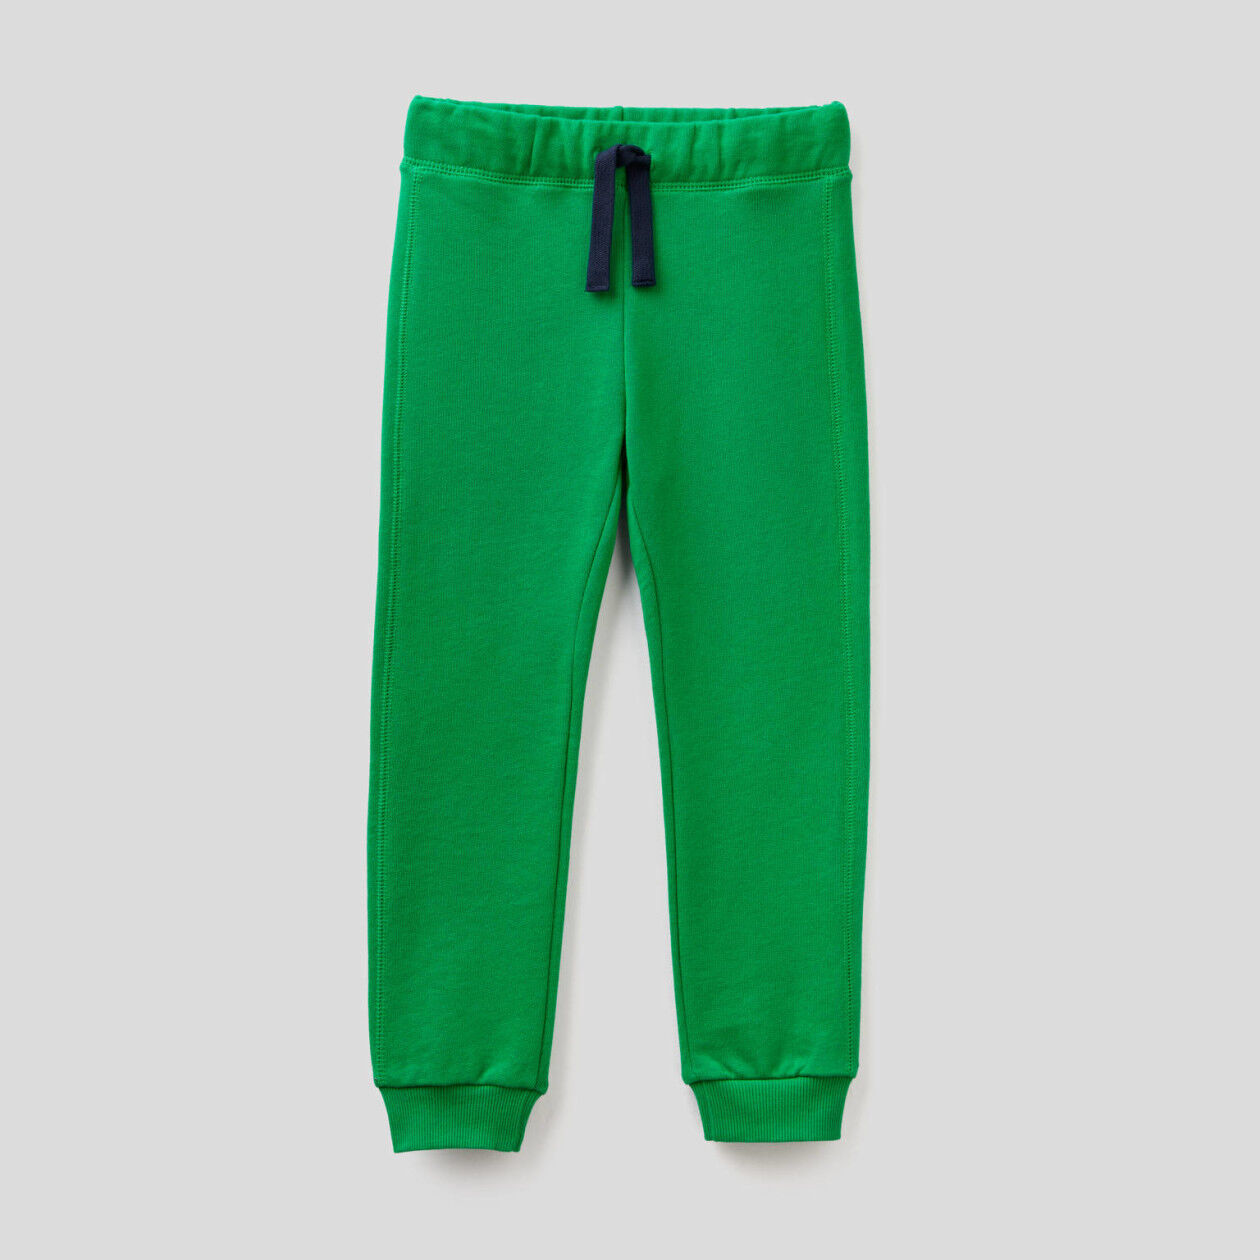 Pantalon avec poche et grand logo